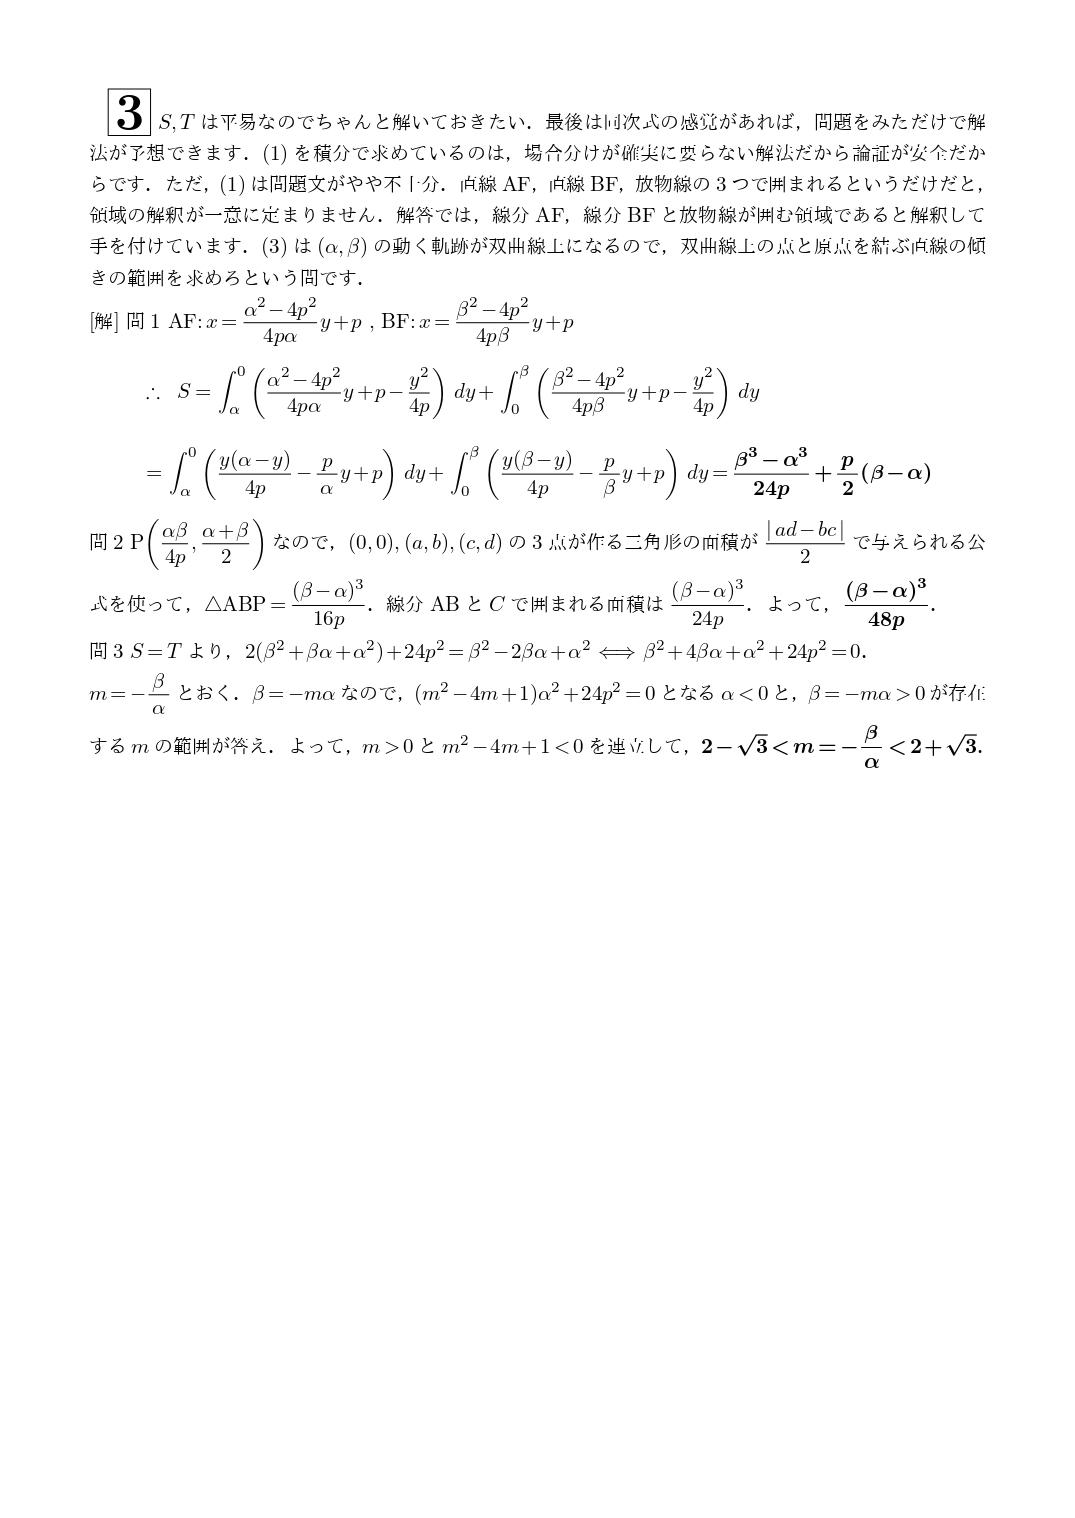 速報 日本 大学 解答